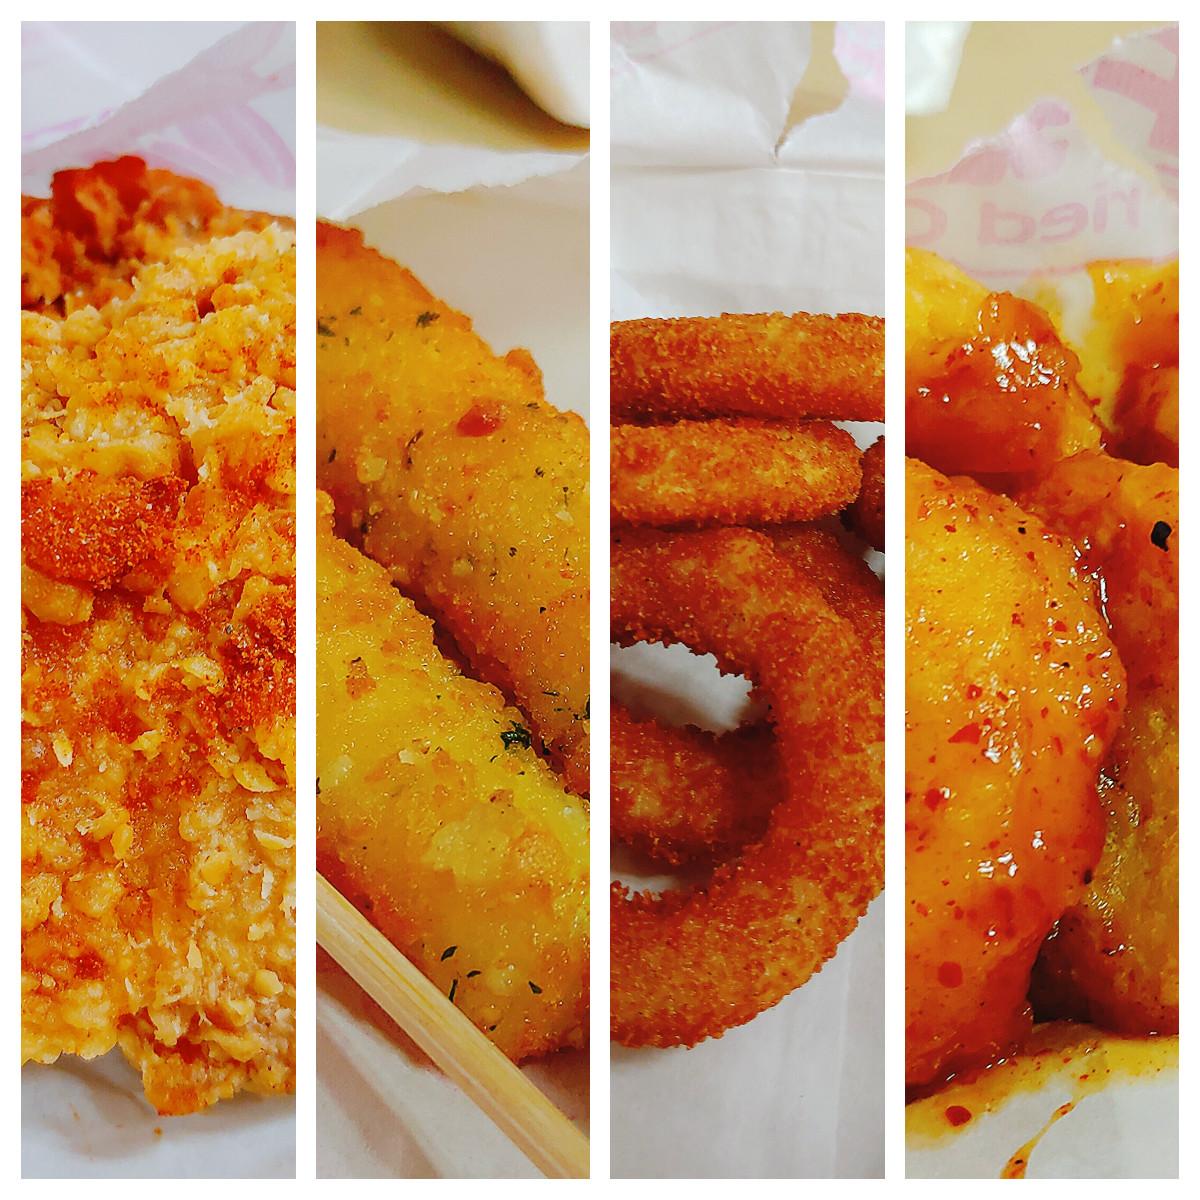 【花蓮瑞穗】昌平炸雞王|全瑞穗最好吃的脆皮炸雞